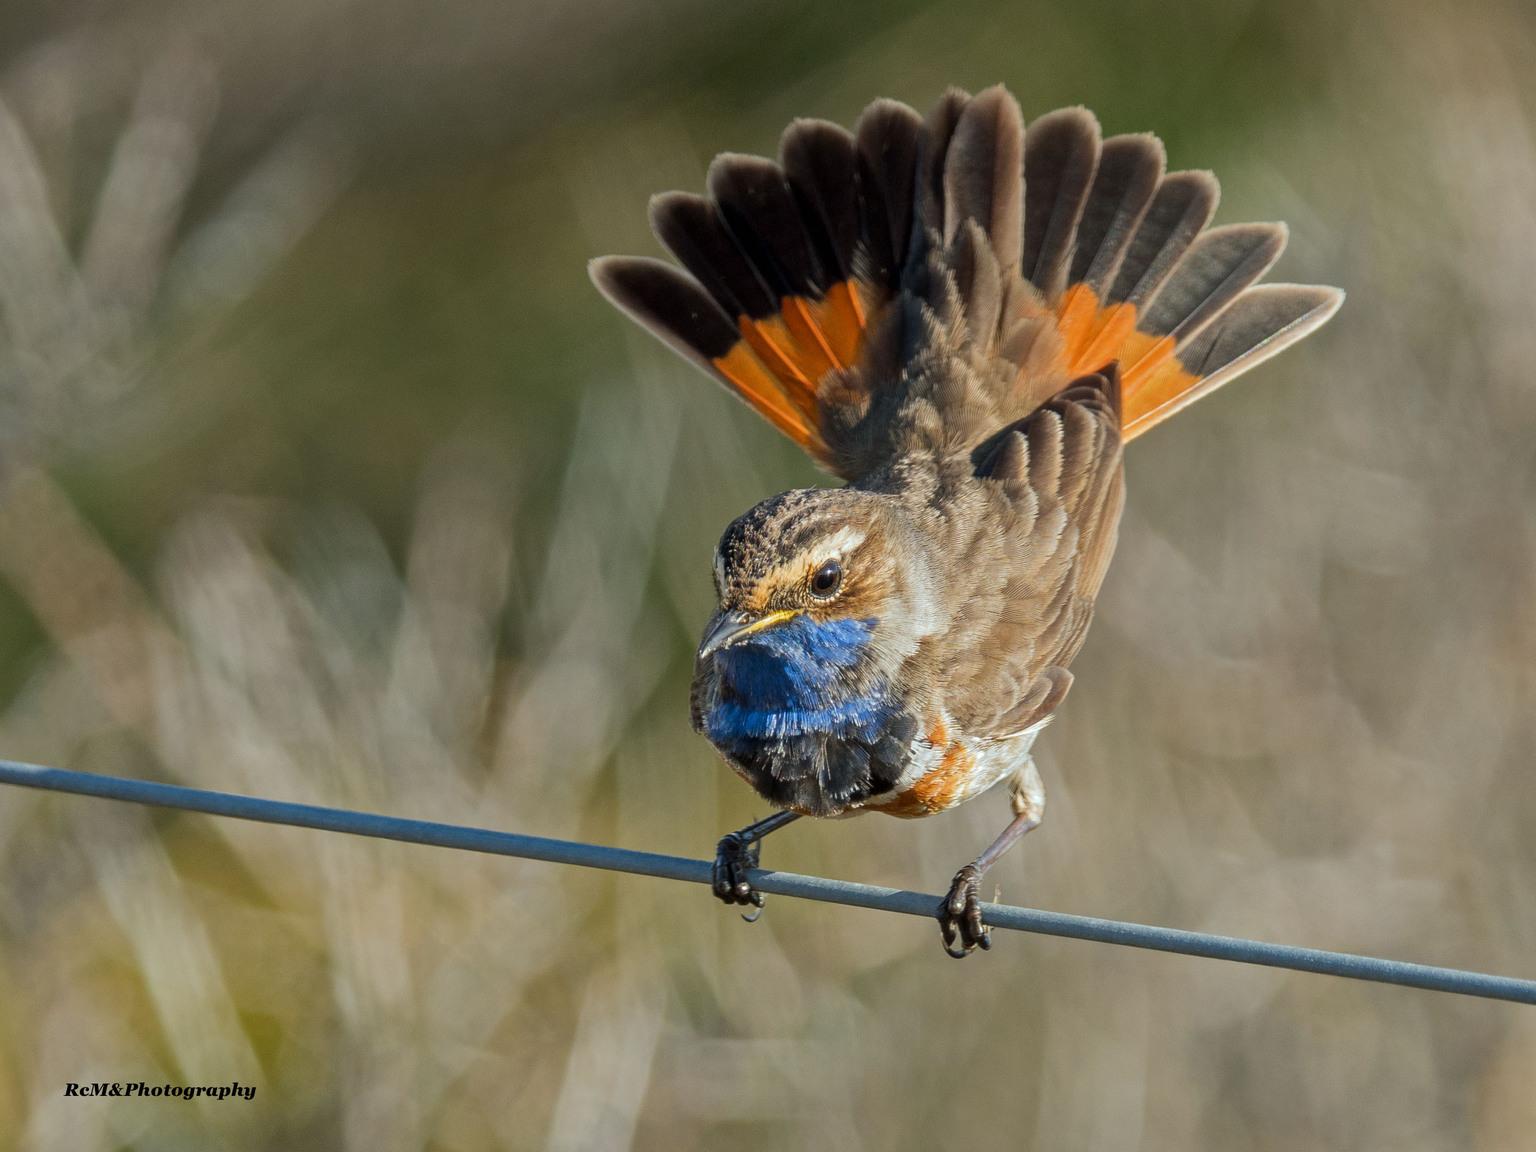 Blauwborst. - De blauwborst op ze mooist!. - foto door Robert-Moeliker op 17-04-2021 - locatie: Zeeweg 31, 1901 NZ Castricum, Nederland - deze foto bevat: wildlife, natuur, vogel, bokeh, organisme, bek, bestuiver, bloem, terrestrische dieren, veer, vleugel, zangvogel, elektrisch blauw, vogel